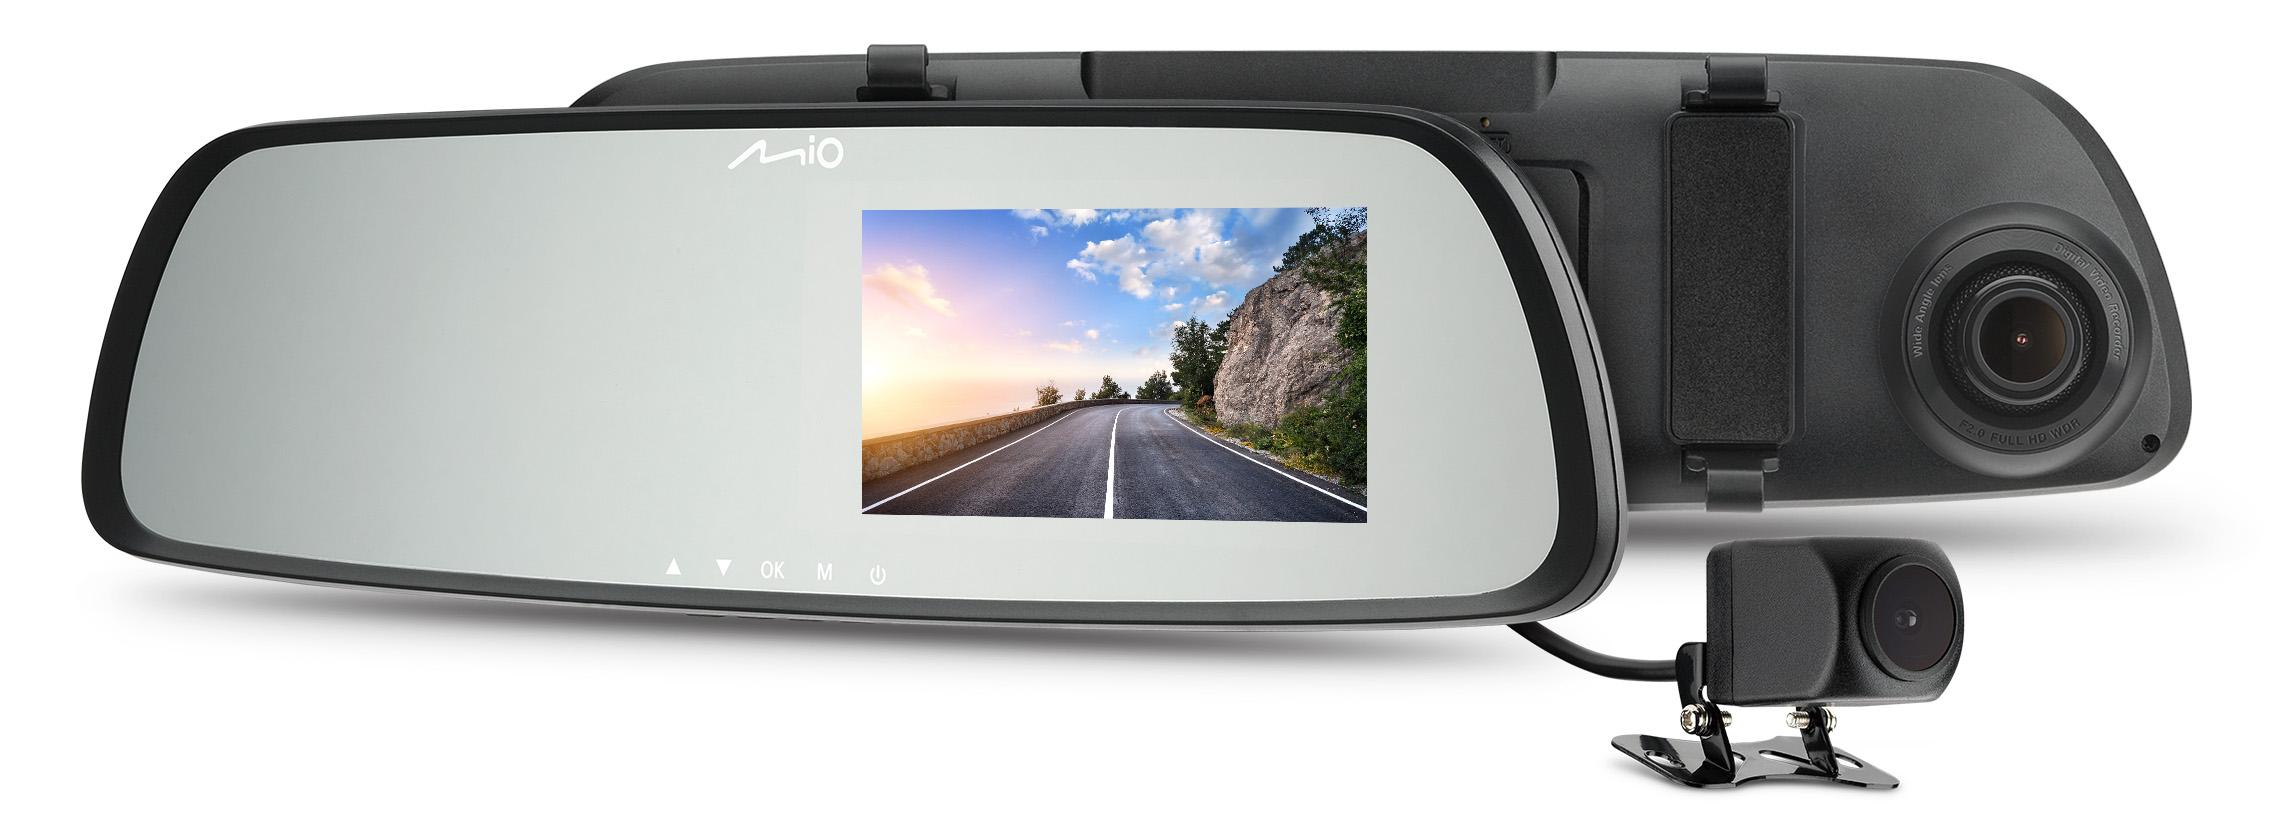 Новые видеорегистраторы R-серии предлагает Mio Technology